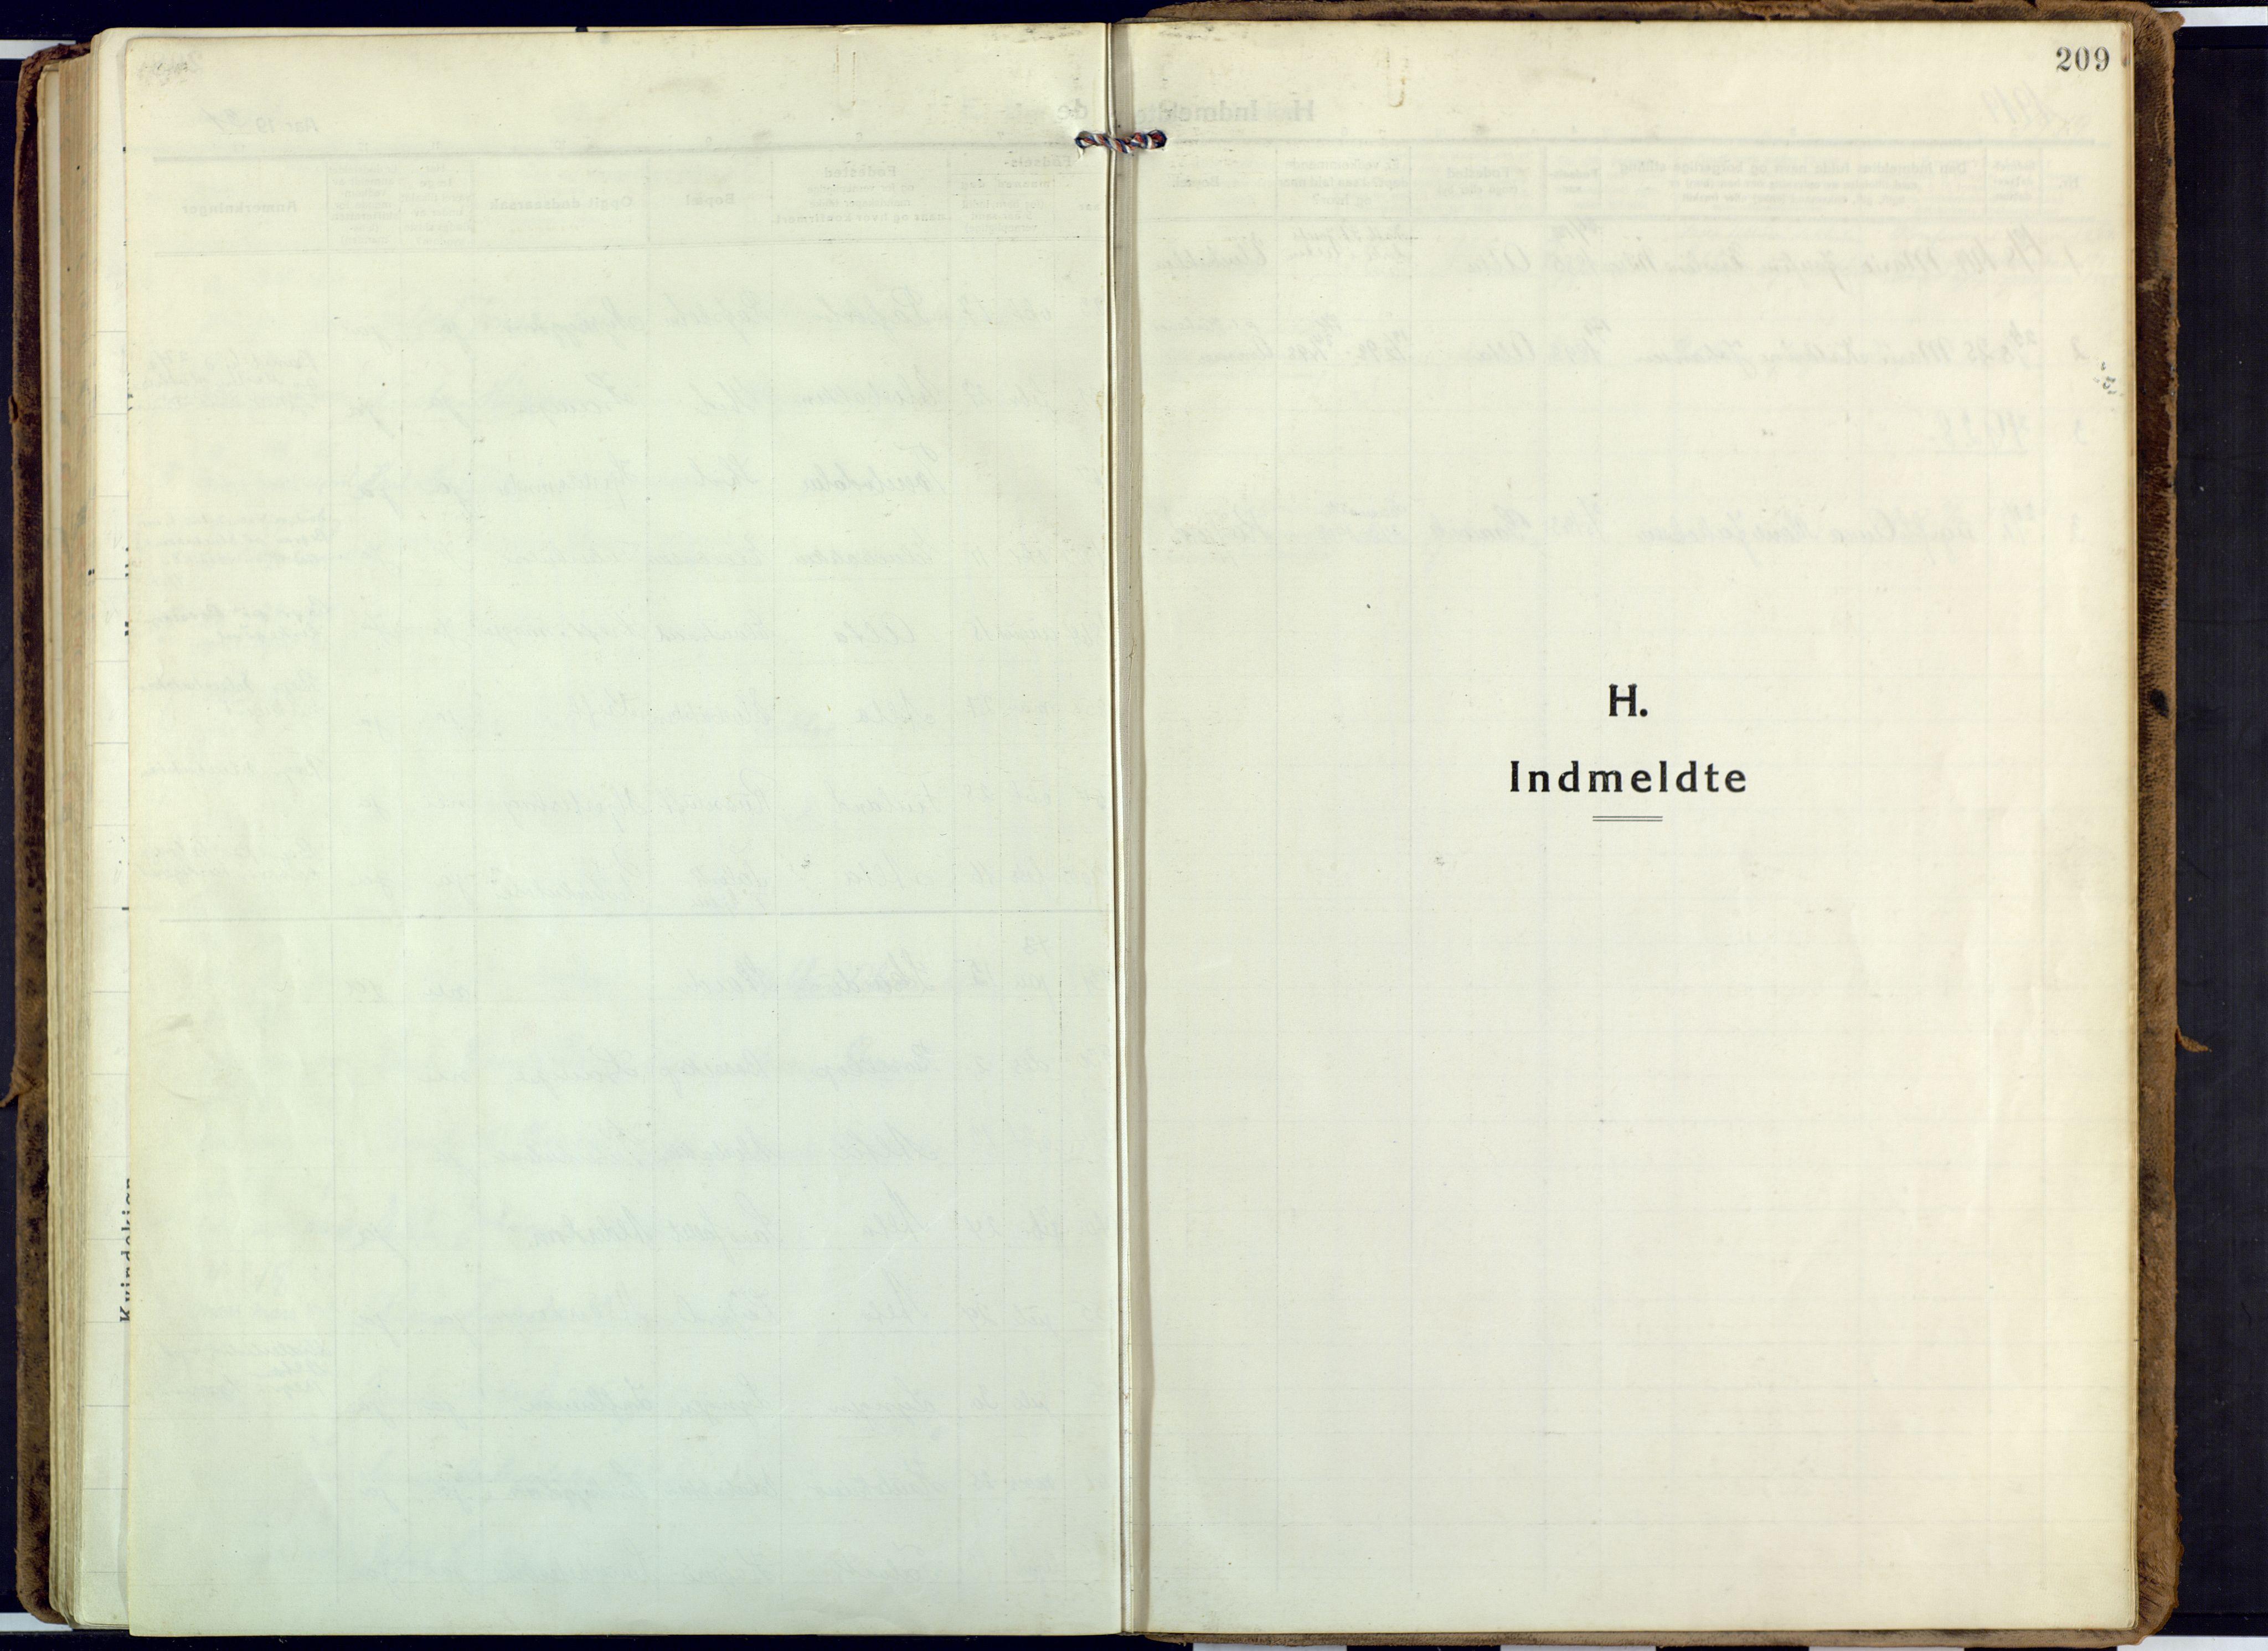 SATØ, Alta sokneprestembete, Ministerialbok nr. 6, 1918-1931, s. 209